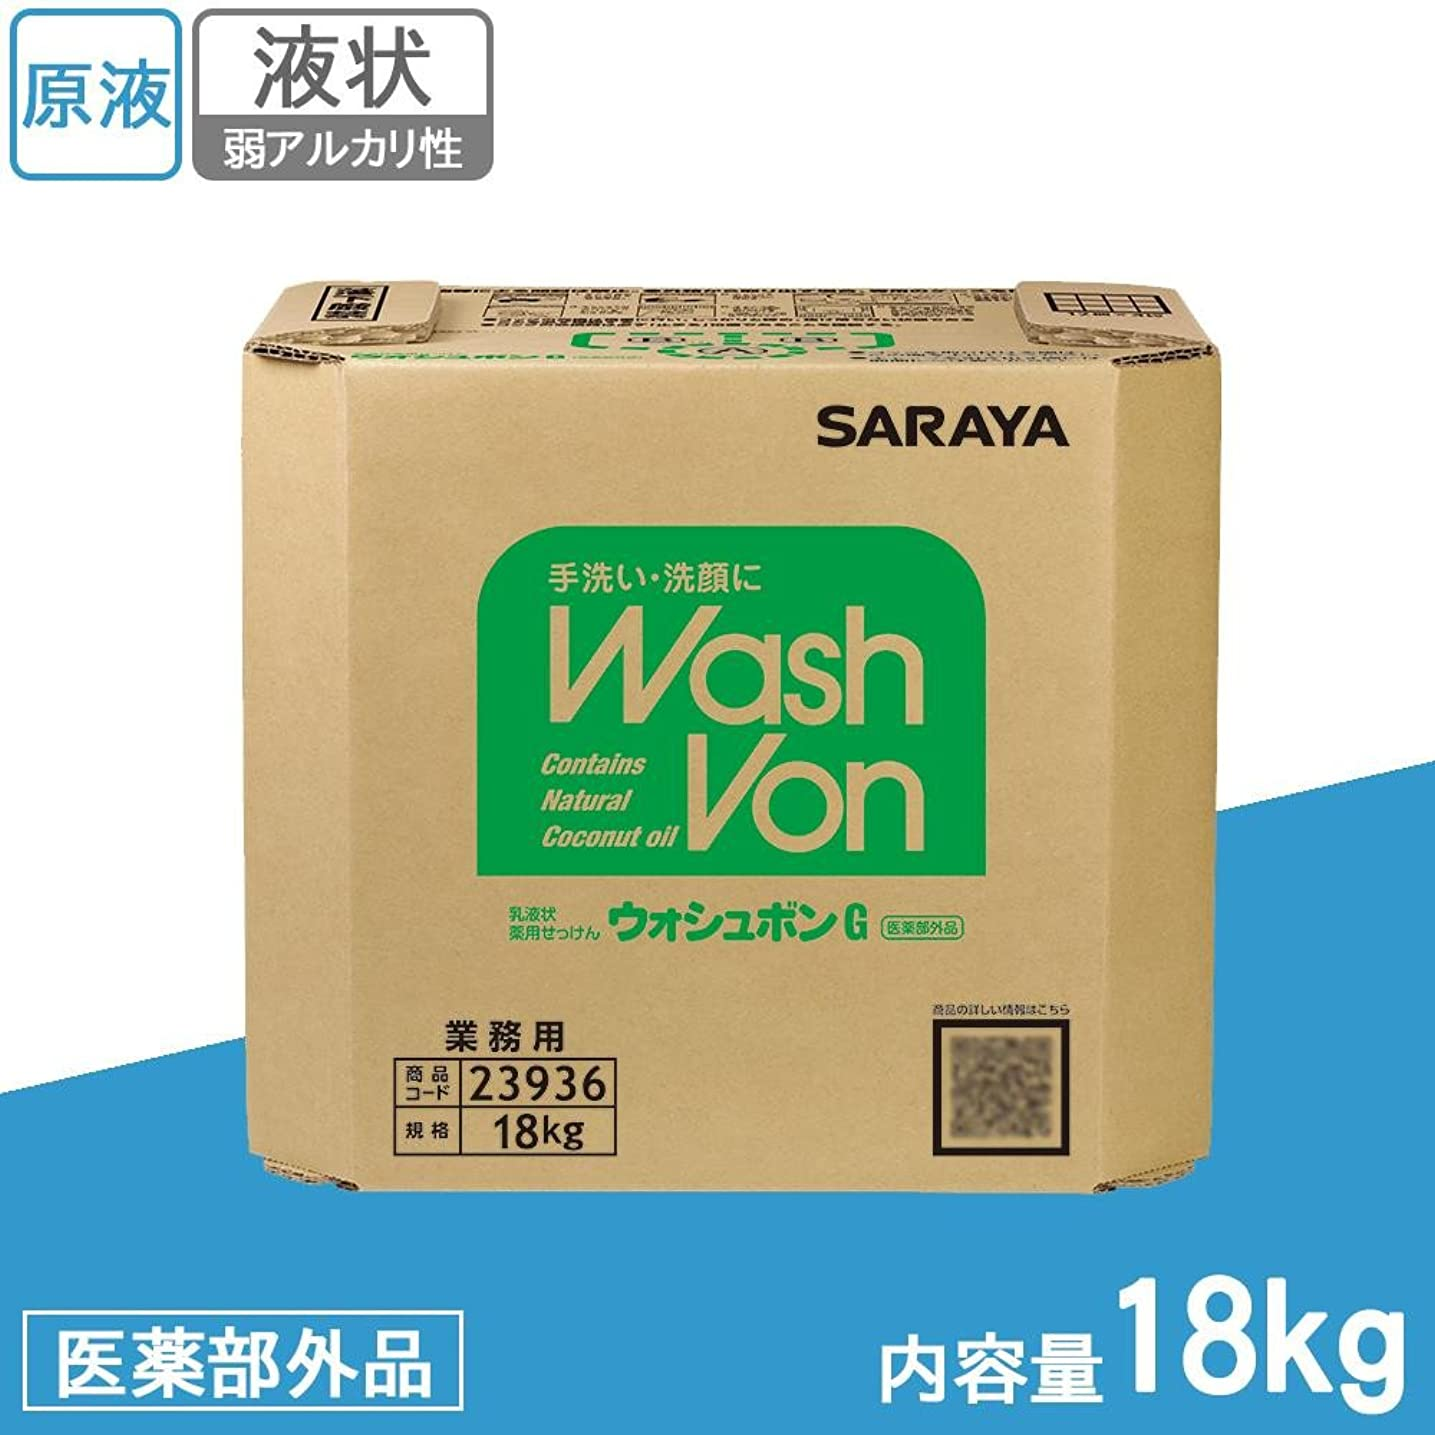 期限会議せせらぎサラヤ 業務用 乳液状薬用せっけん ウォシュボンG 18kg BIB 23936 (医薬部外品)